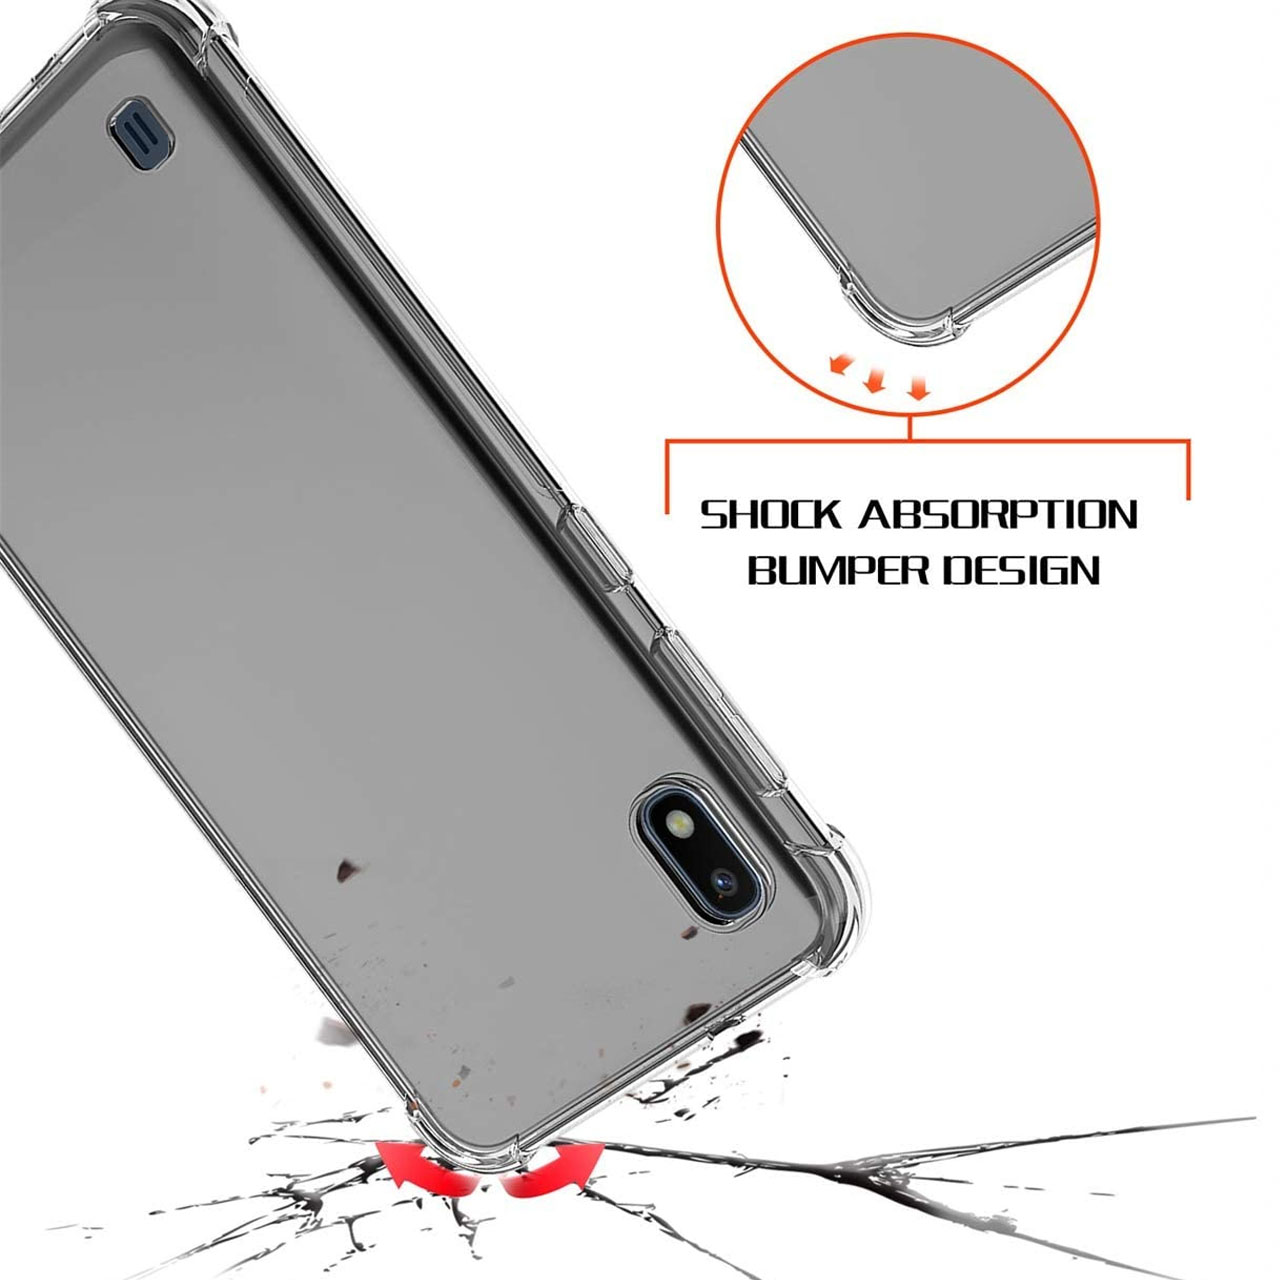 کاور مدل Eouro مناسب برای گوشی موبایل سامسونگ Galaxy A10 thumb 2 4